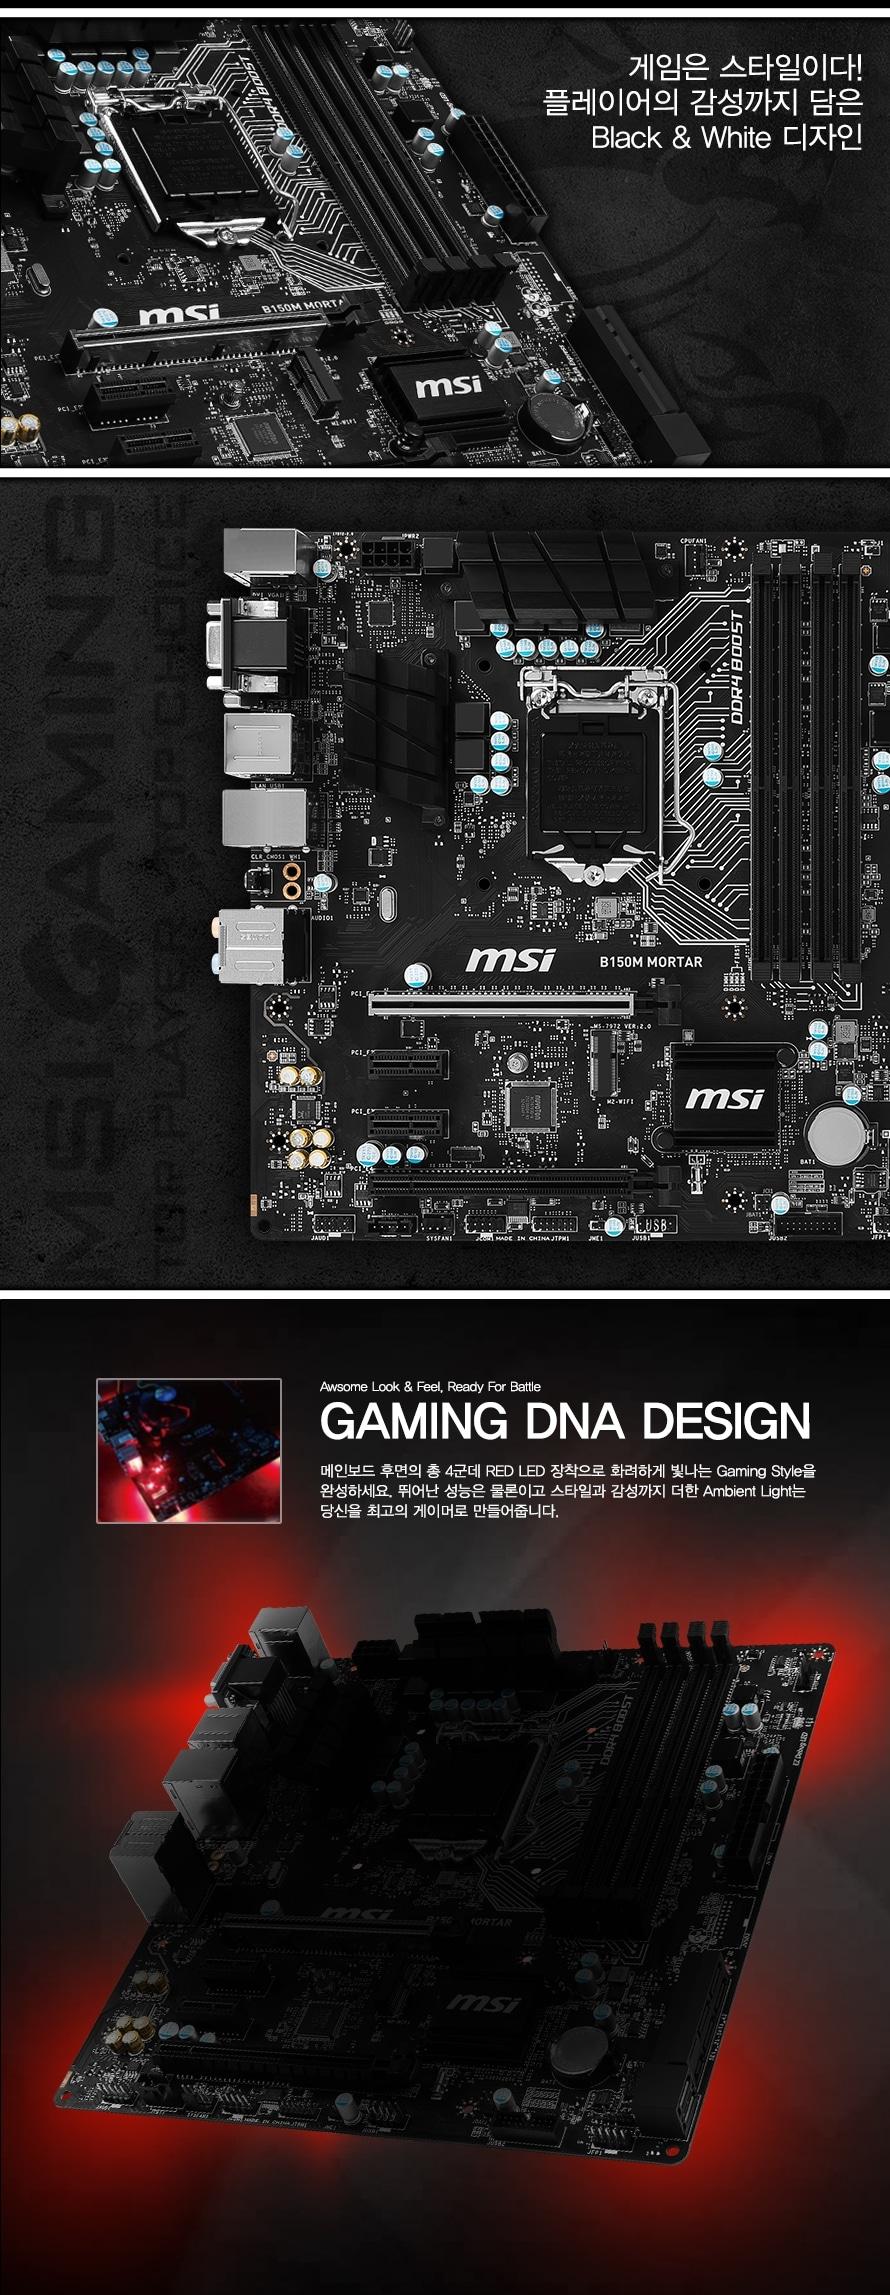 게임은 스타일이다 플레이어의 감성까지 담은 블랙 엔 화이트 디자인 AWSOME LOOK FEEL READY FOR BATTLE GAMING DNA DESIGN 메인보드 후면의 총 4군데 RED LED 장착으로 화려하게 빛나는 Gaming Style을 완성하세요. 뛰어난 성능은 물론이고 스타일과 감성까지 더한 Ambient Light는 당신을 최고의 게이머로 만들어줍니다.